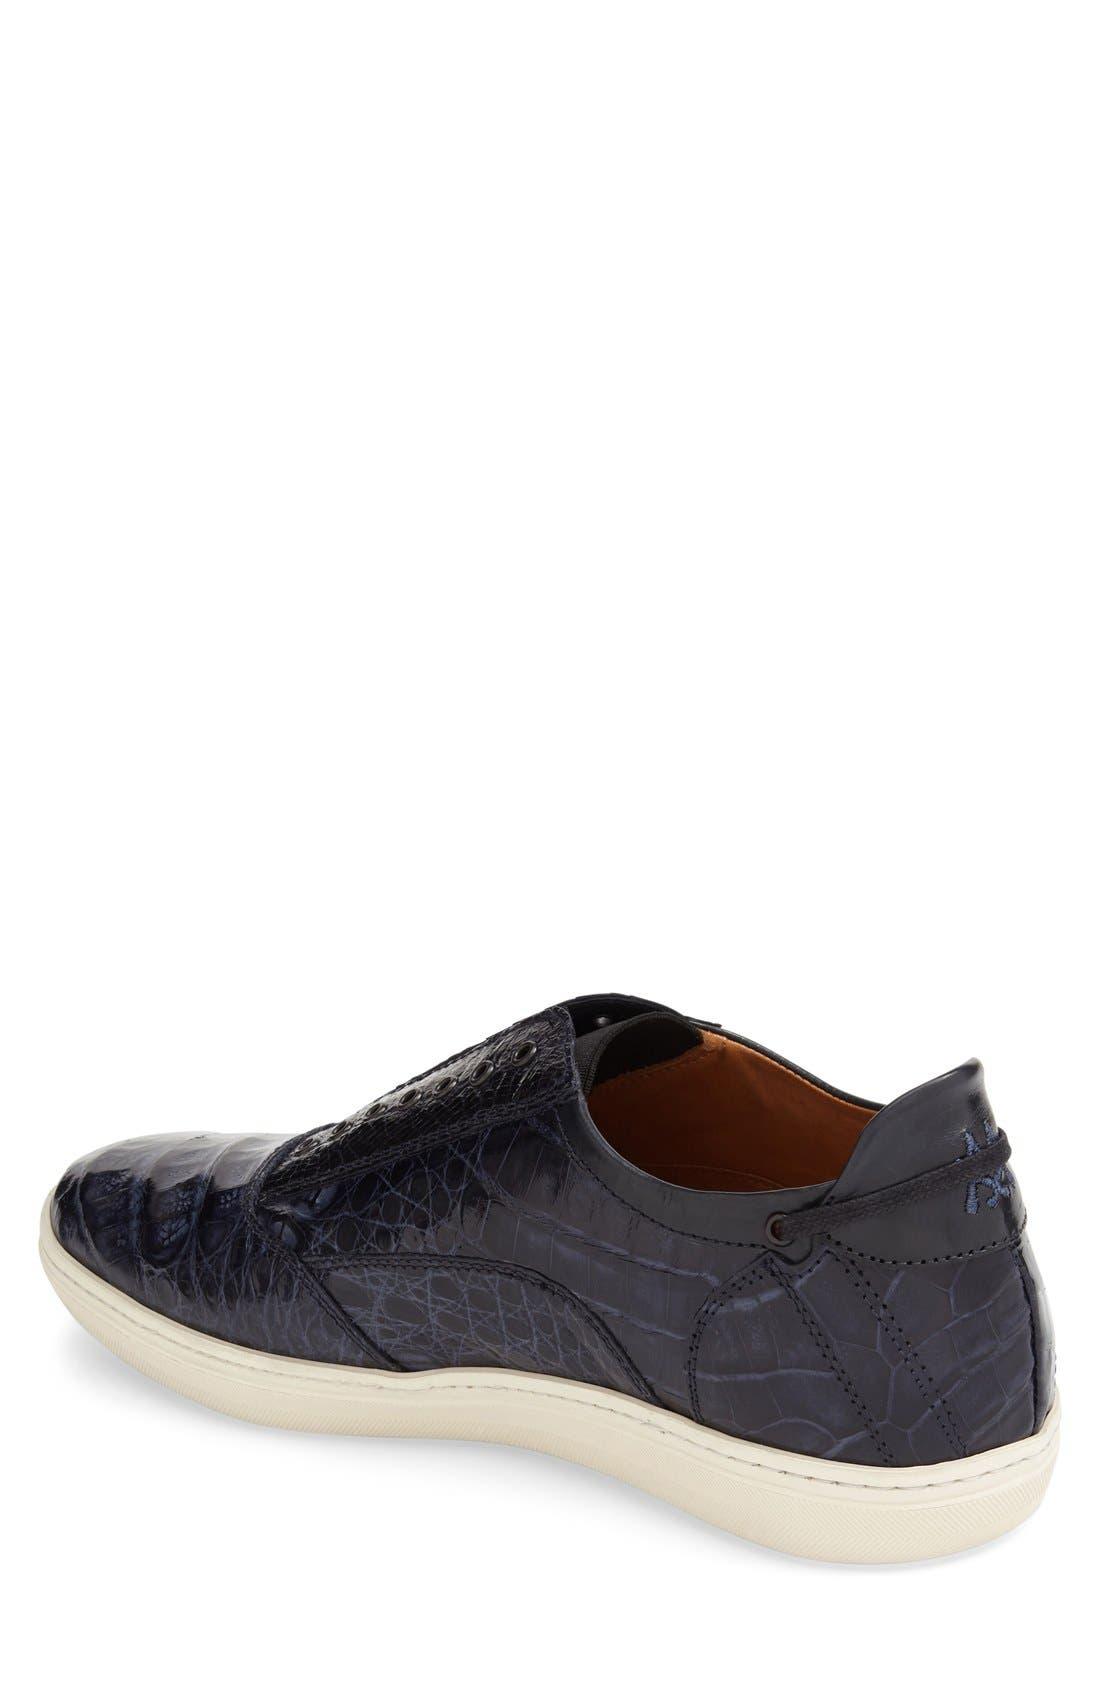 'Emmanuel' Slip-on Sneaker,                             Alternate thumbnail 12, color,